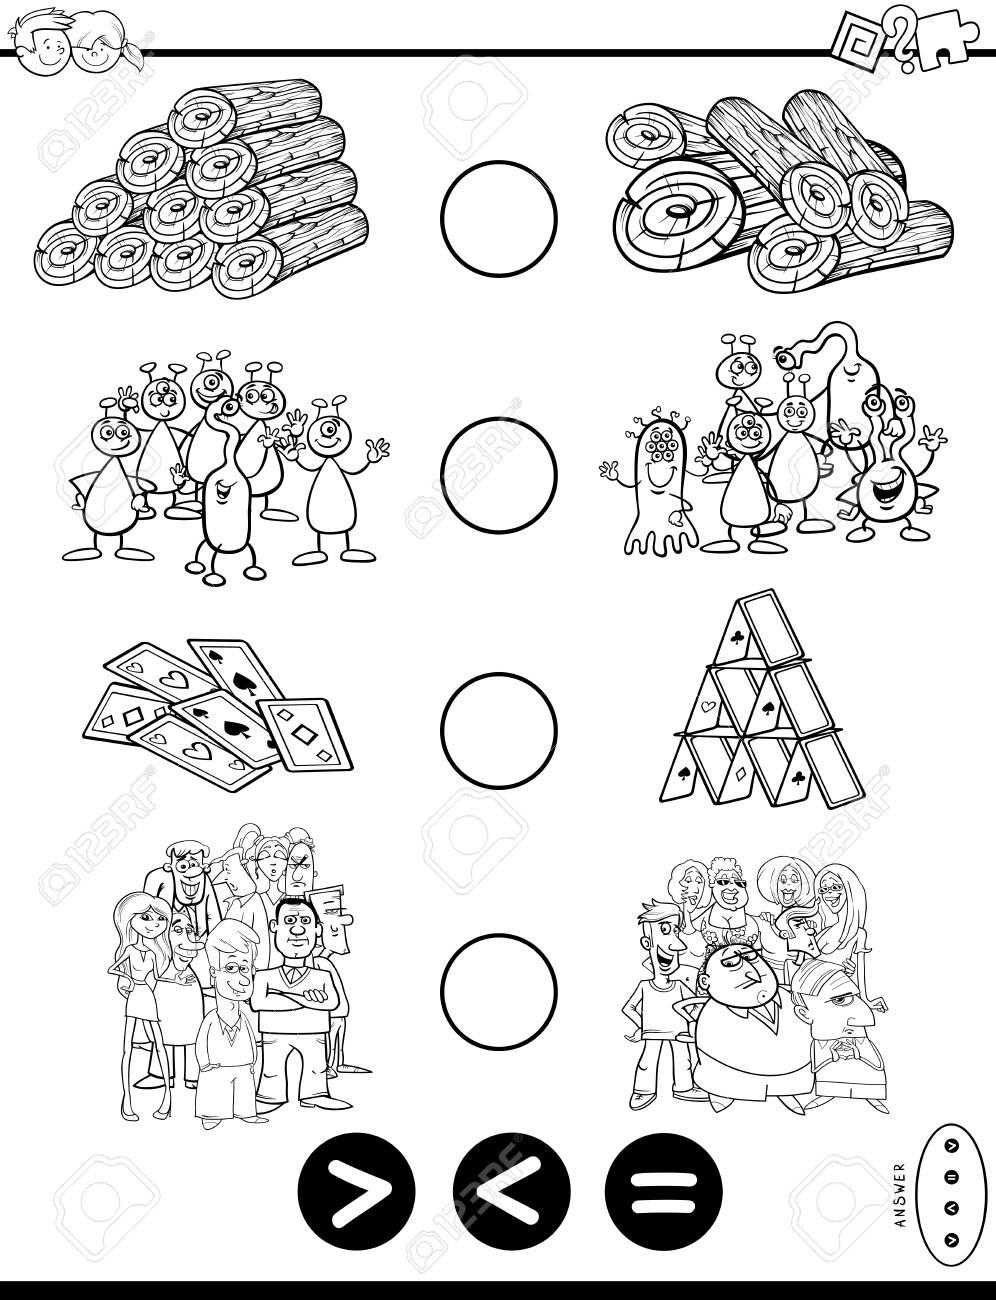 Ilustración De Dibujos Animados Blanco Y Negro De La Actividad